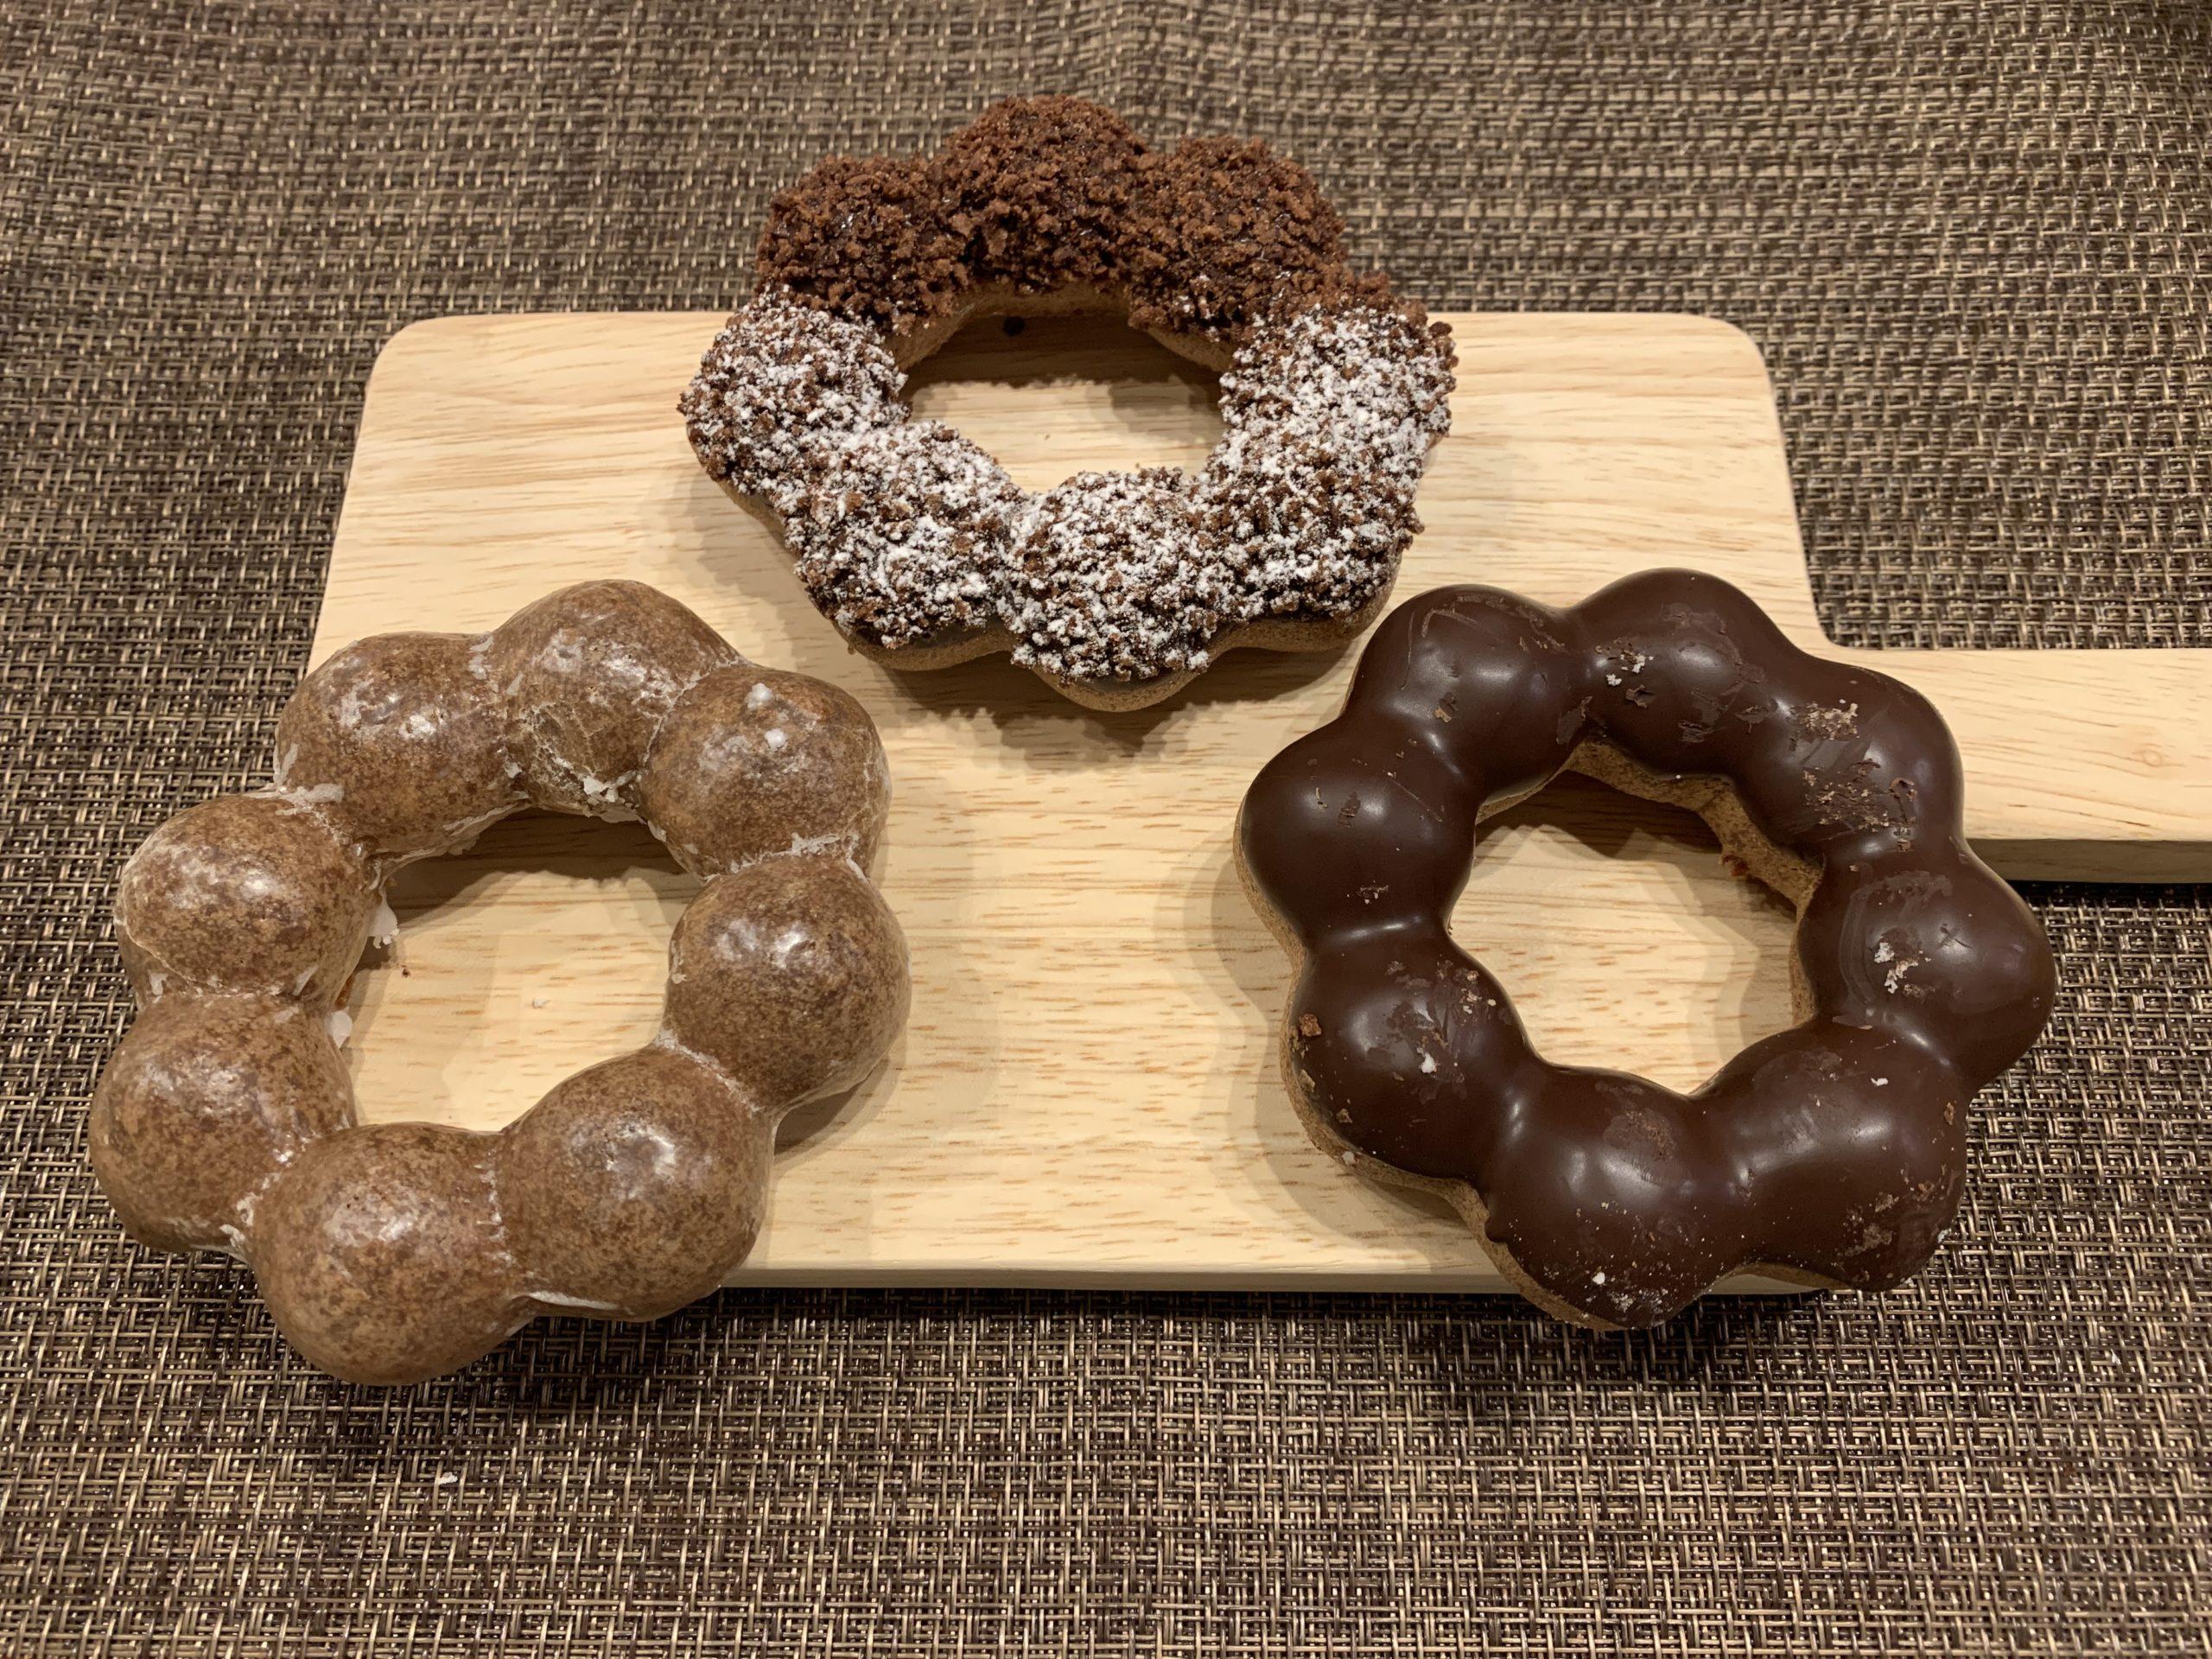 ミスド新作ボンデショコラシリーズの第一弾ボンデザクショコラは?美味しかったのか実食レビュー